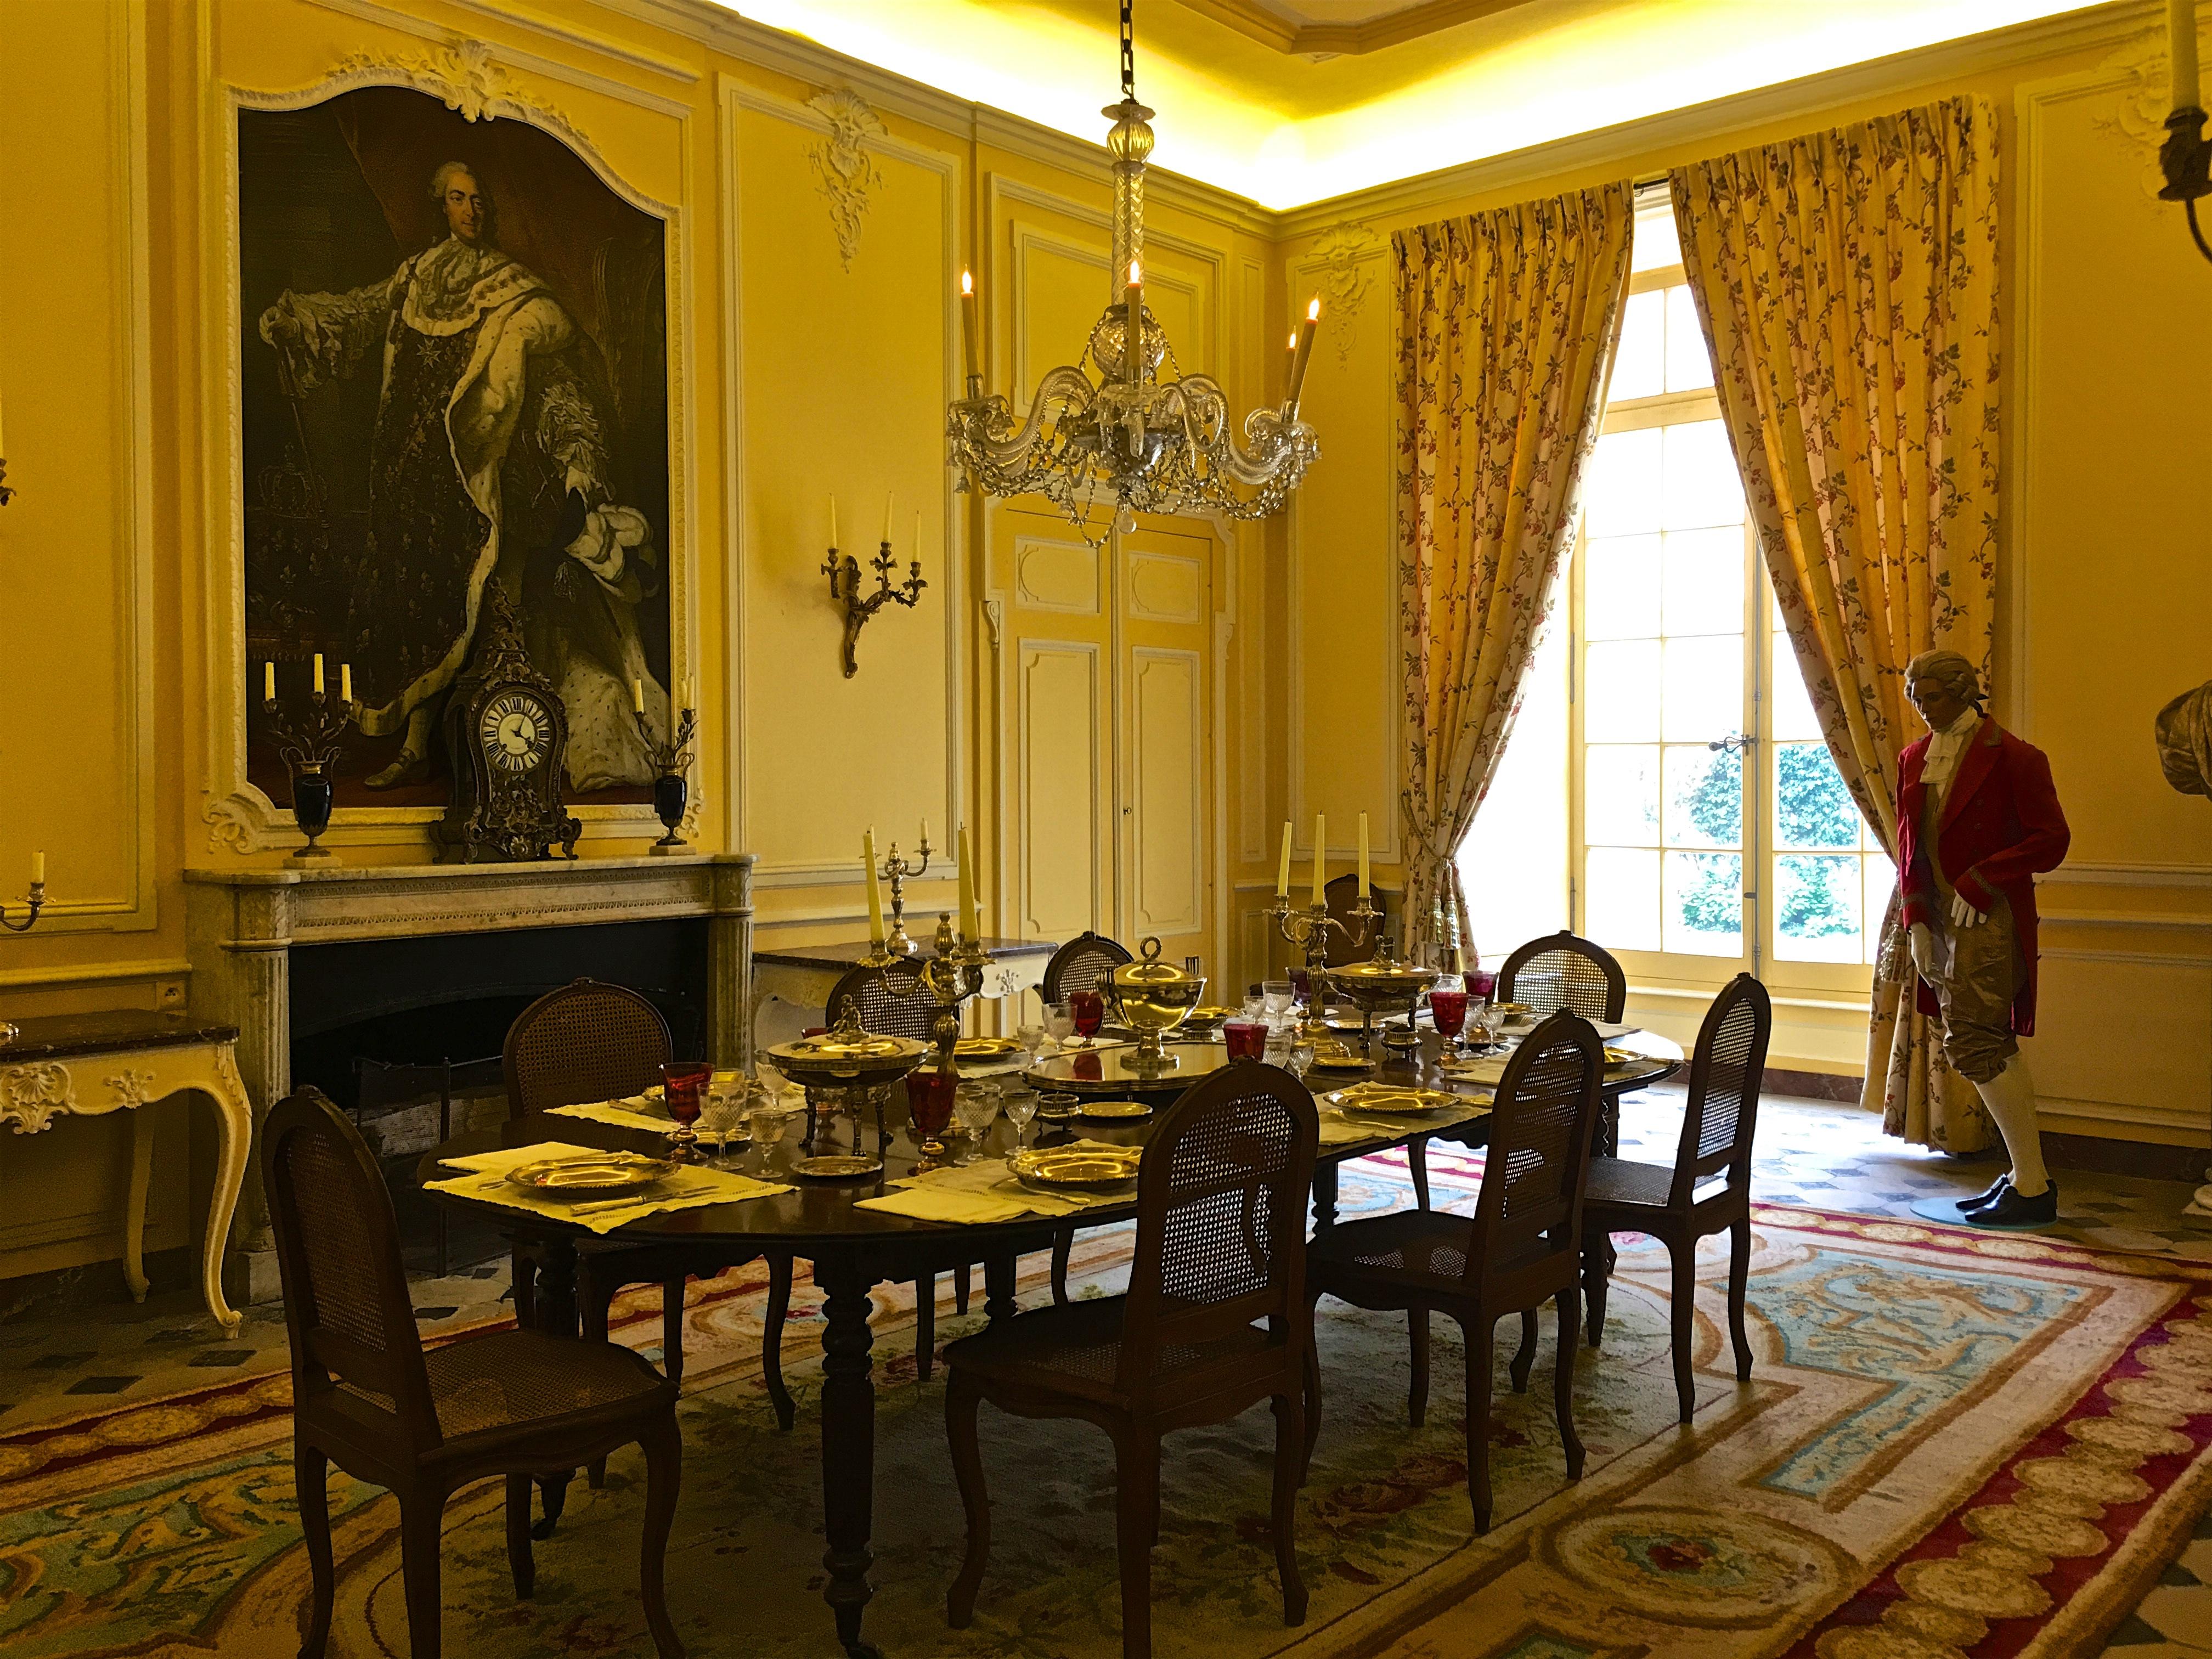 Histoire d interieur histoire du intrieur gallery of for Decoration objet interieur